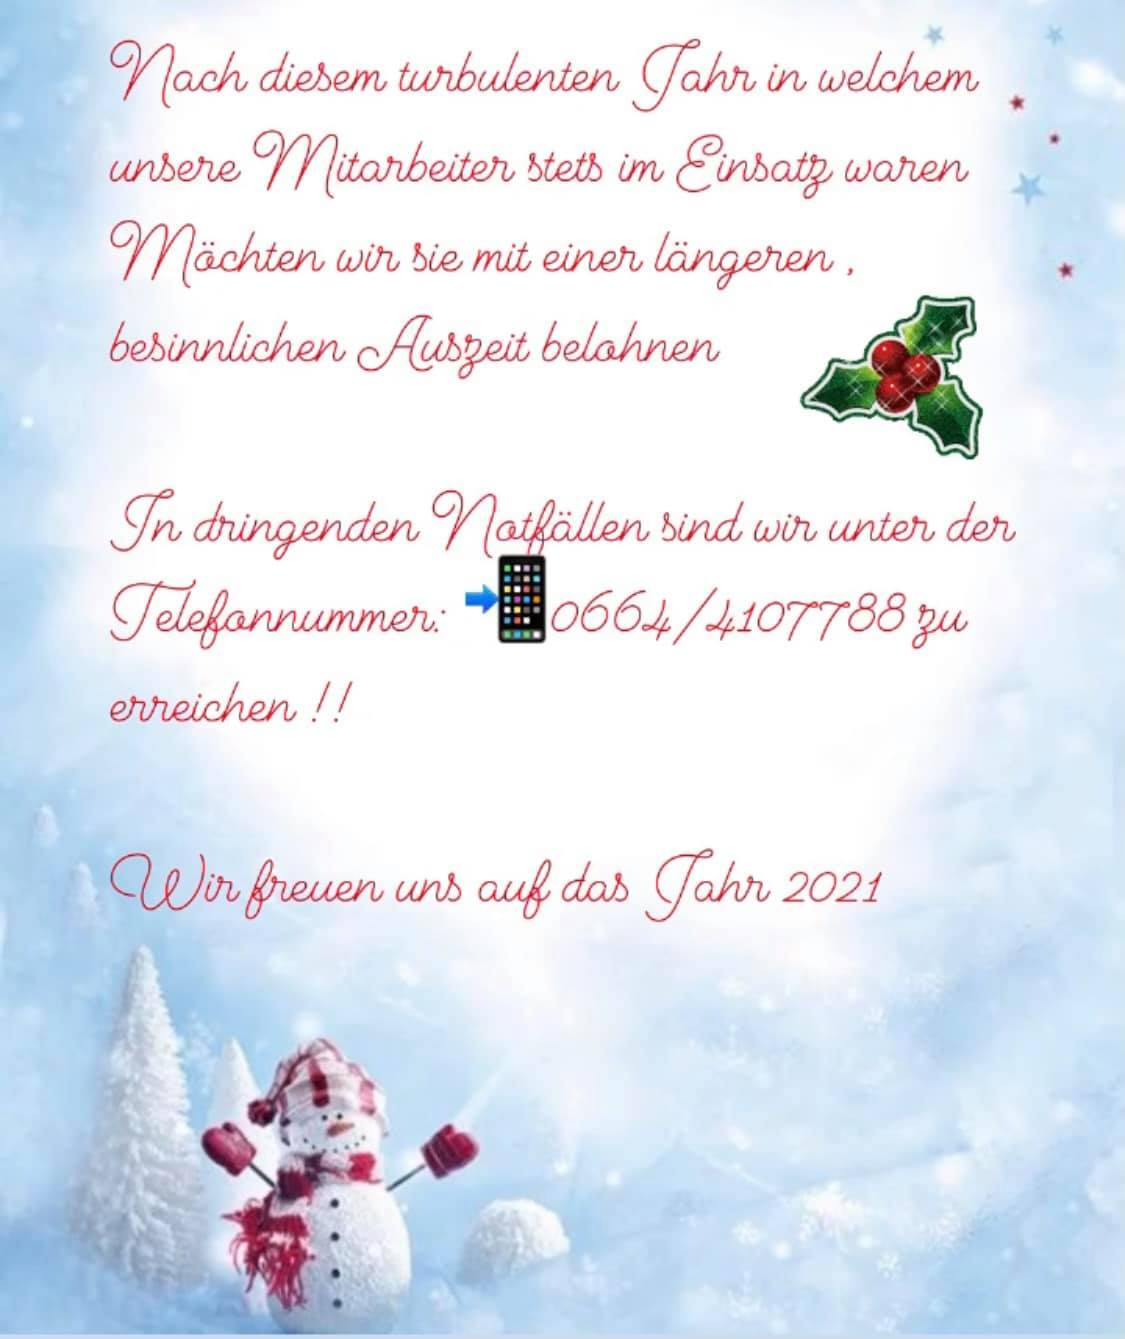 knoll-weihnachten2020-2